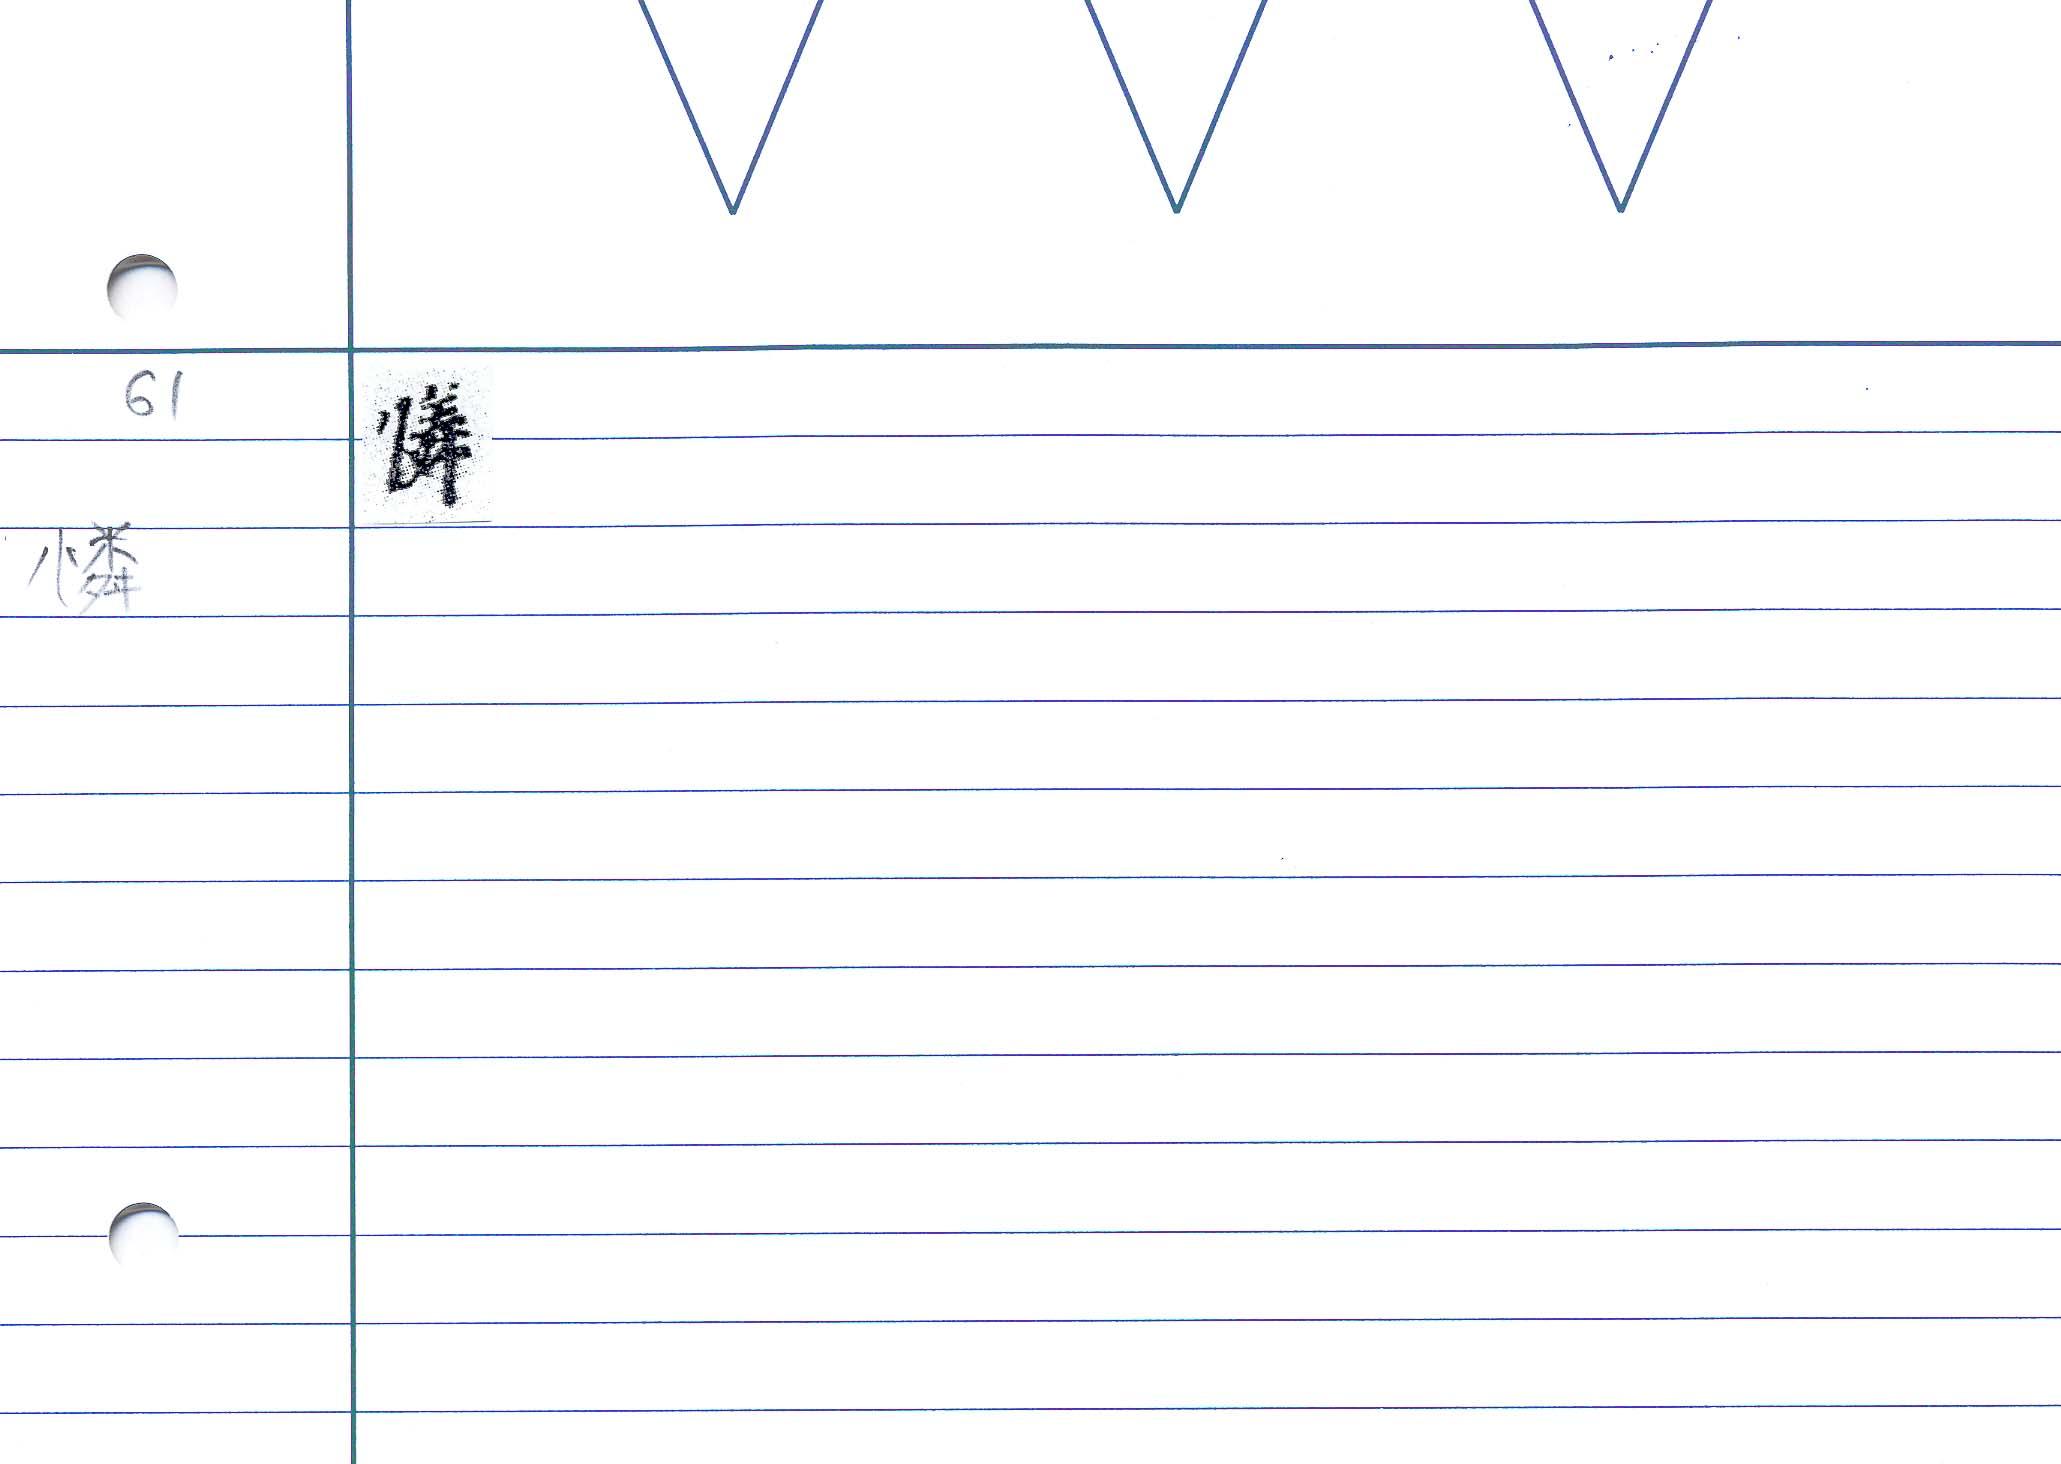 01_誠實論卷八(P.2179)/cards/0069.jpg